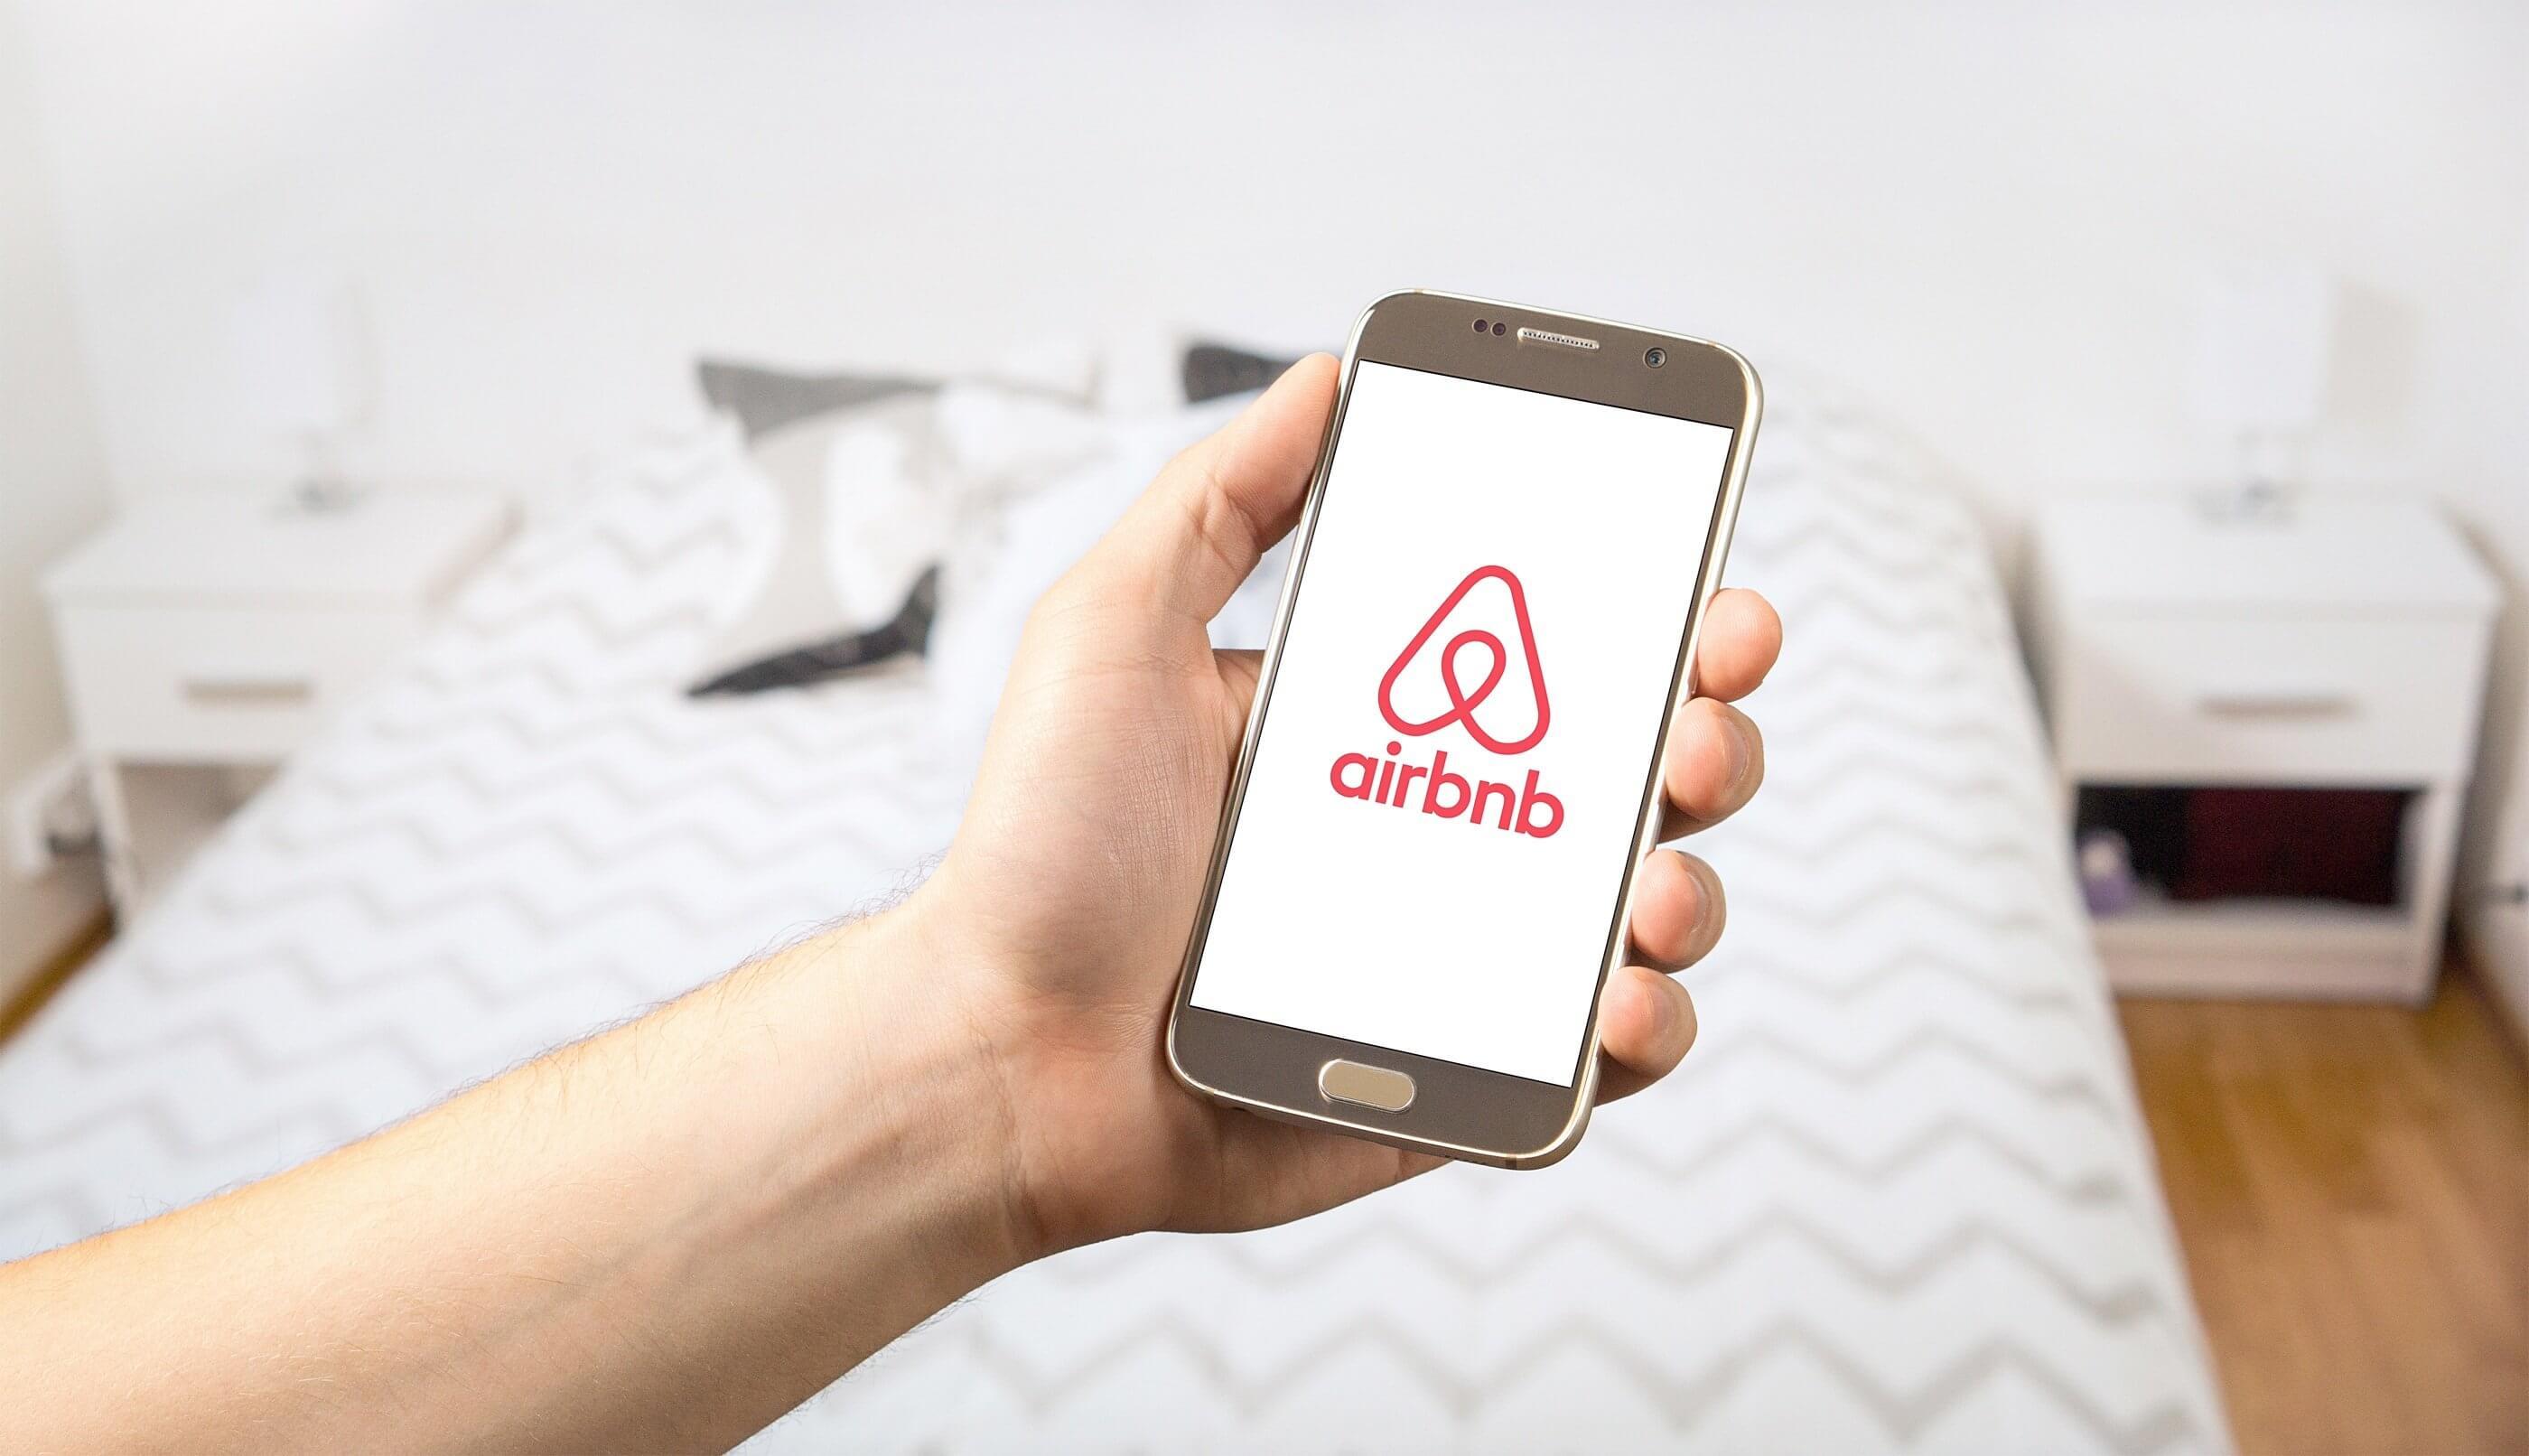 2018年おすすめ副業その2「Airbnb/空き部屋レンタル」